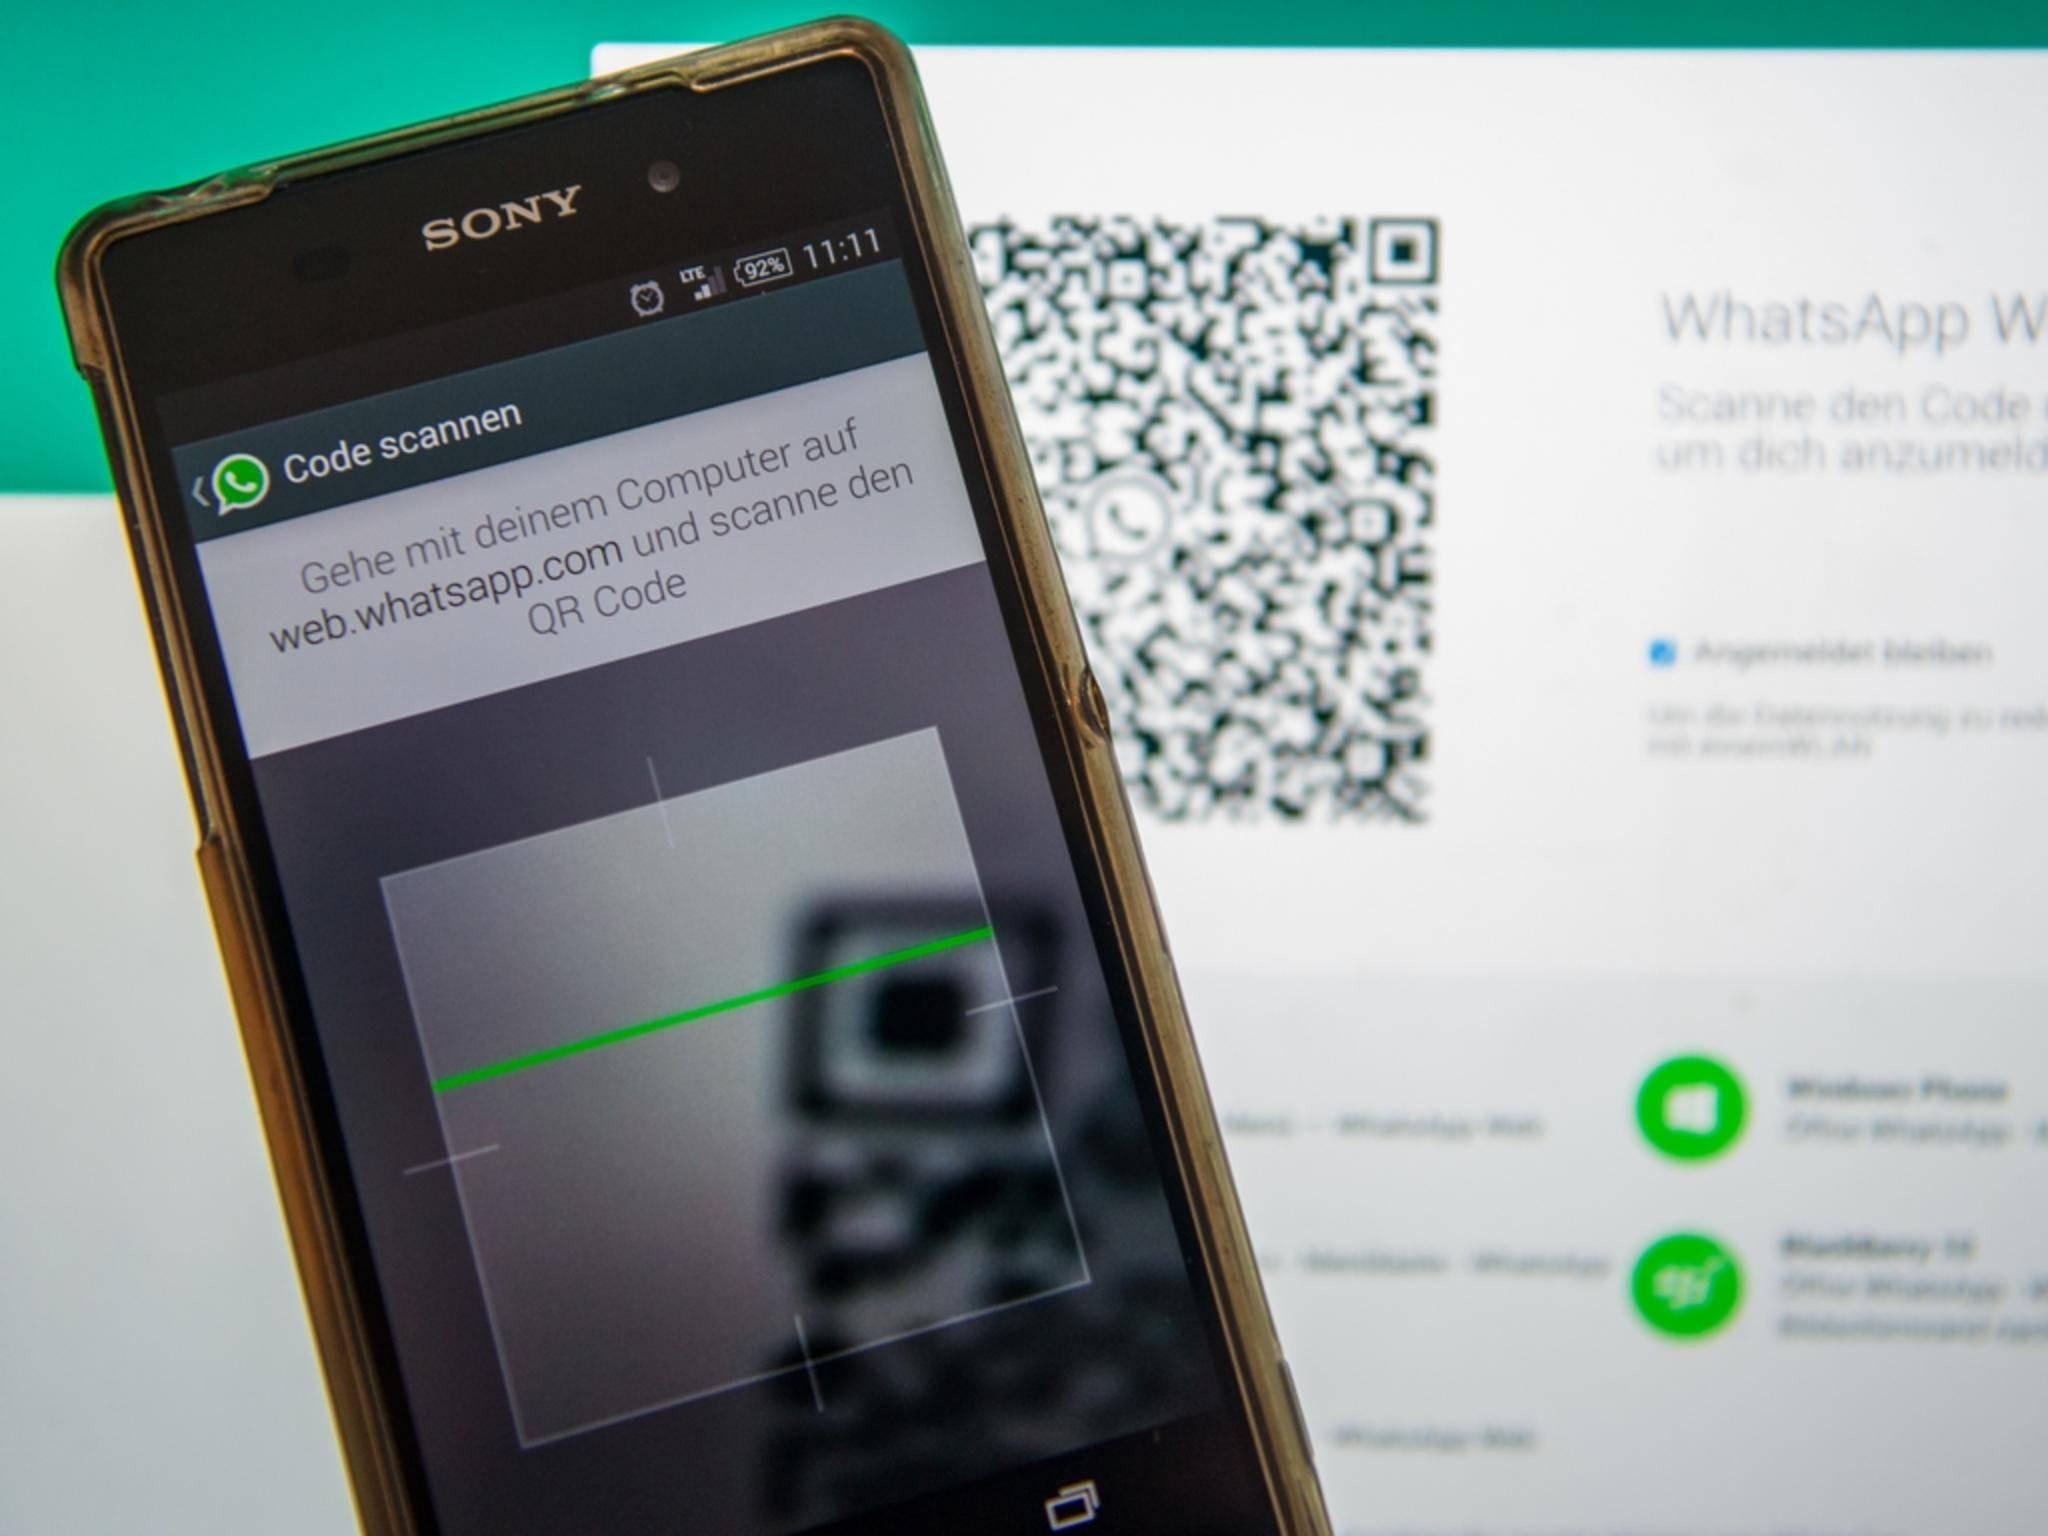 WhatsApp lässt sich auch am PC nutzen – wir verraten Dir, wie das geht.